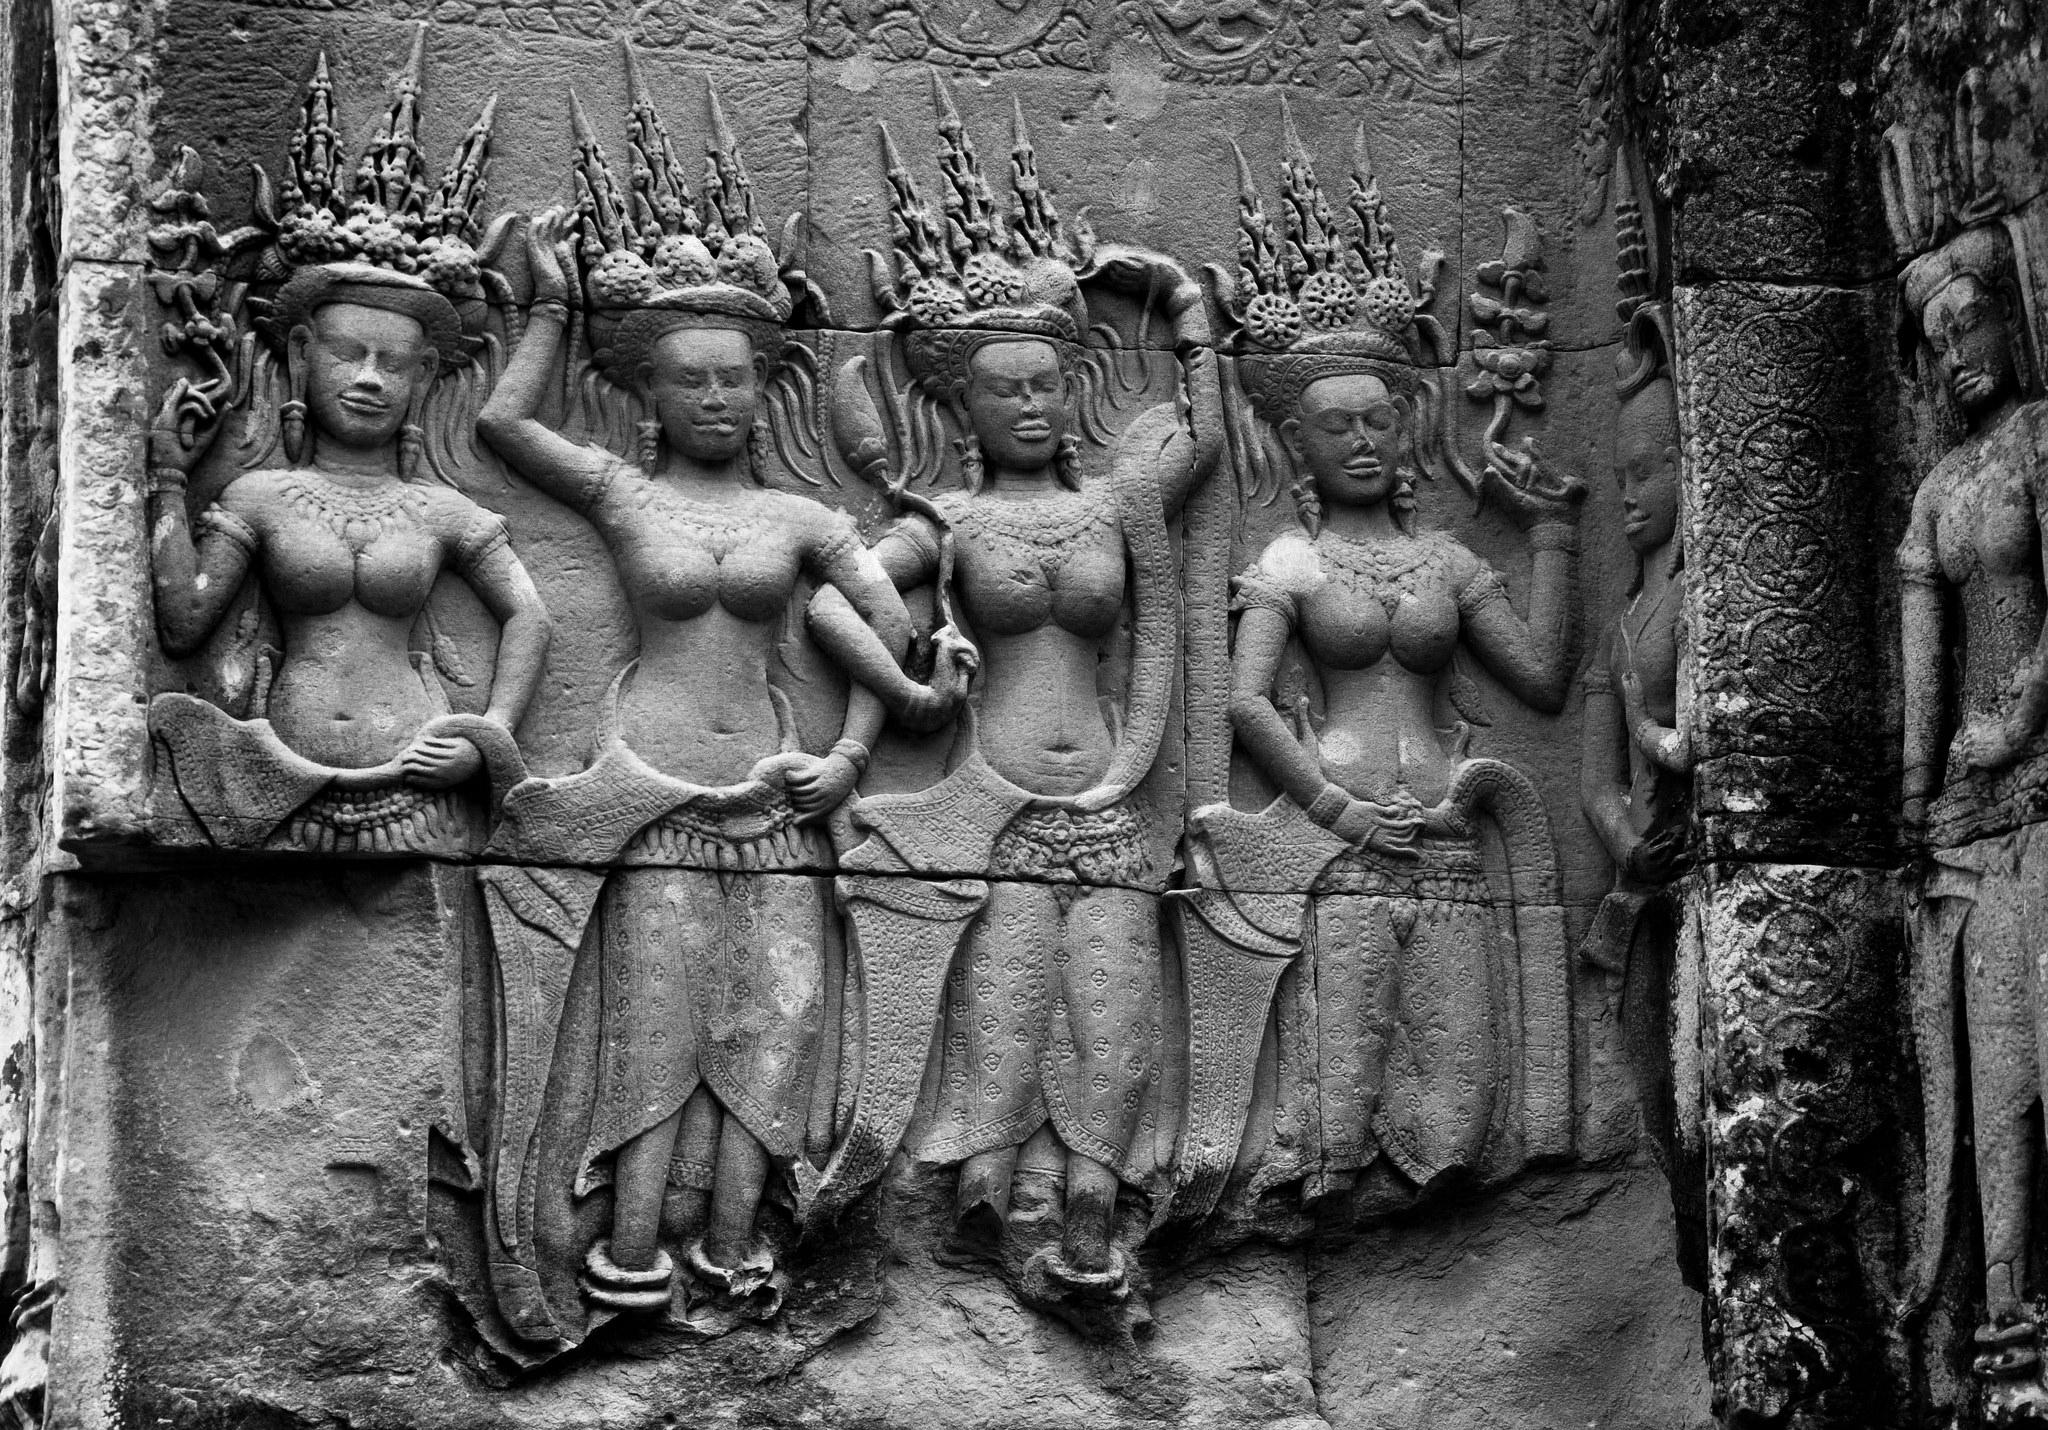 Apsaras: miles de bailarinas celestiales a la vista.